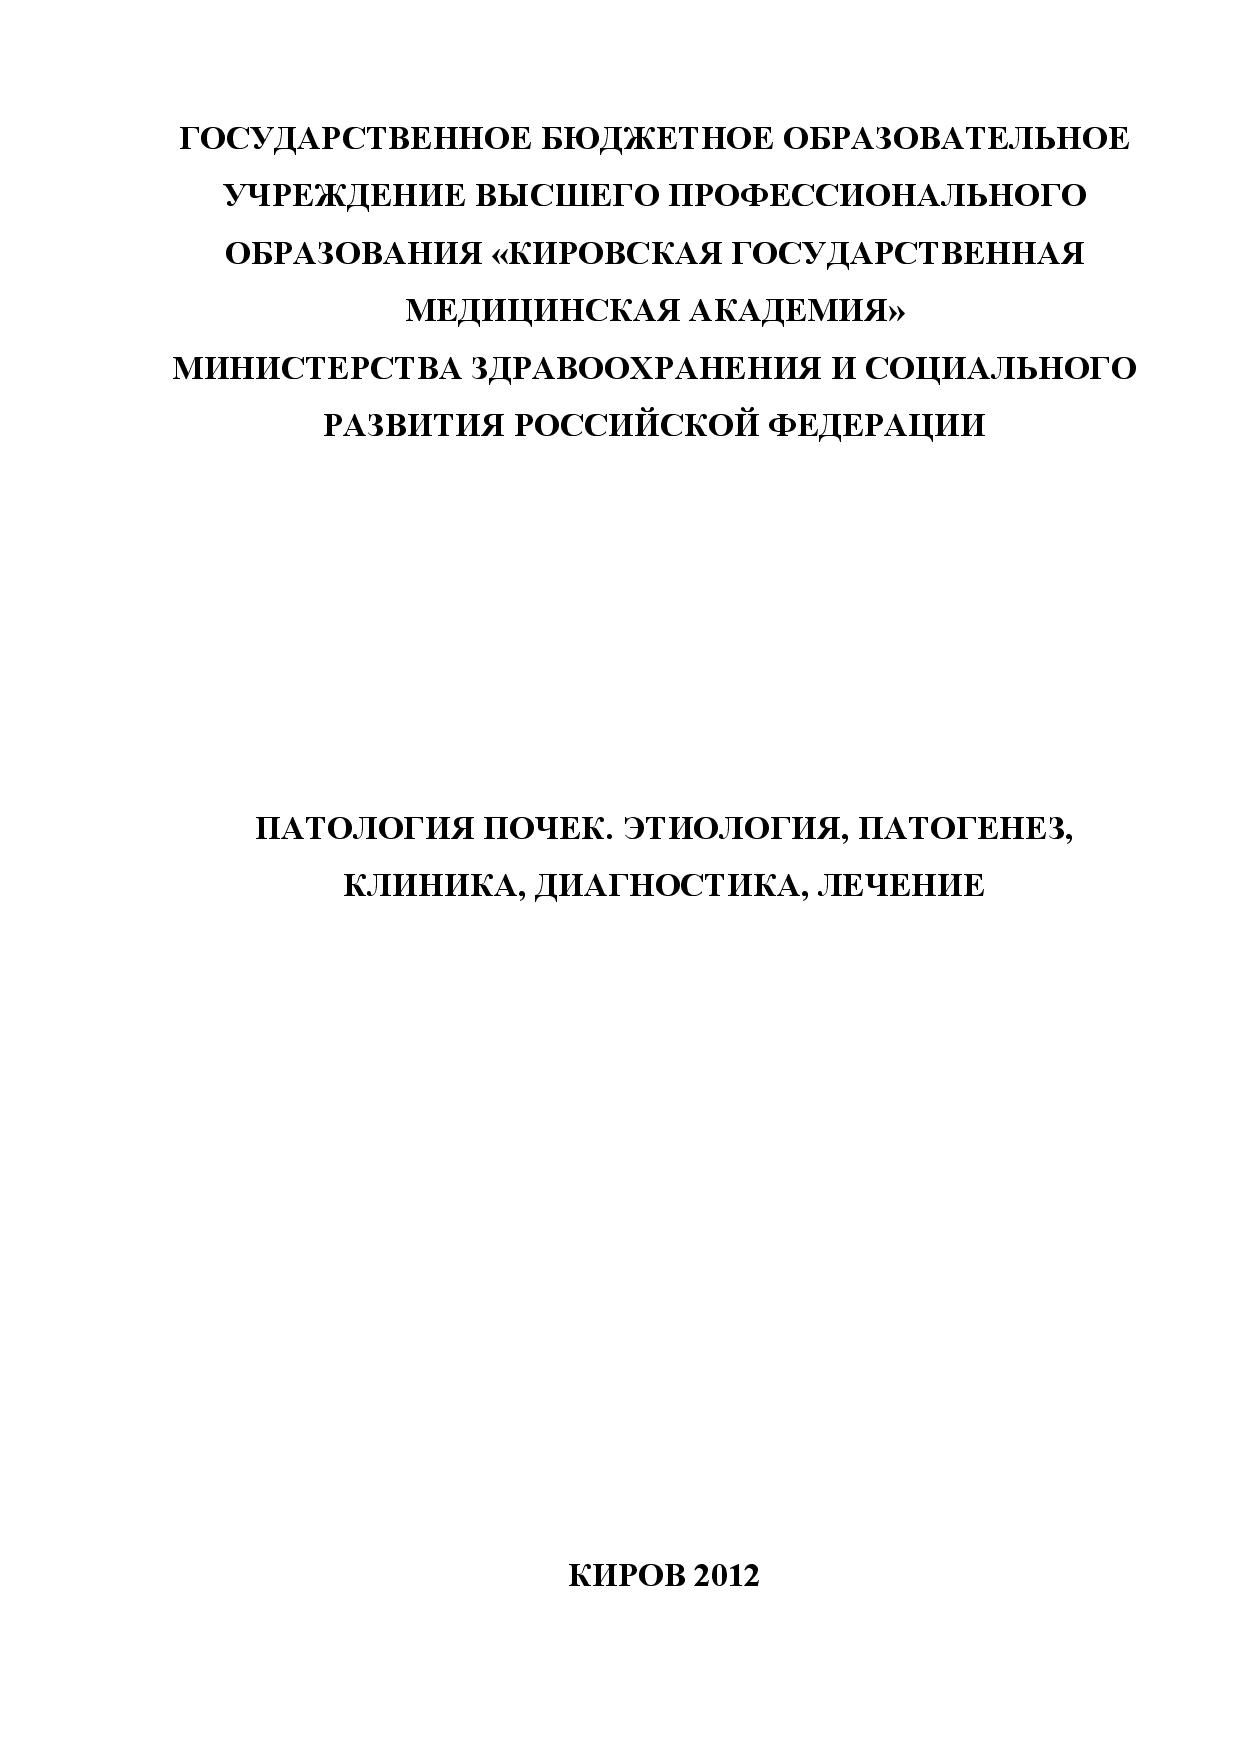 Хронический гломерулонефрит. формы хронического гломерулонефрита, симптомы, диагностика и лечение болезни.  :: polismed.com